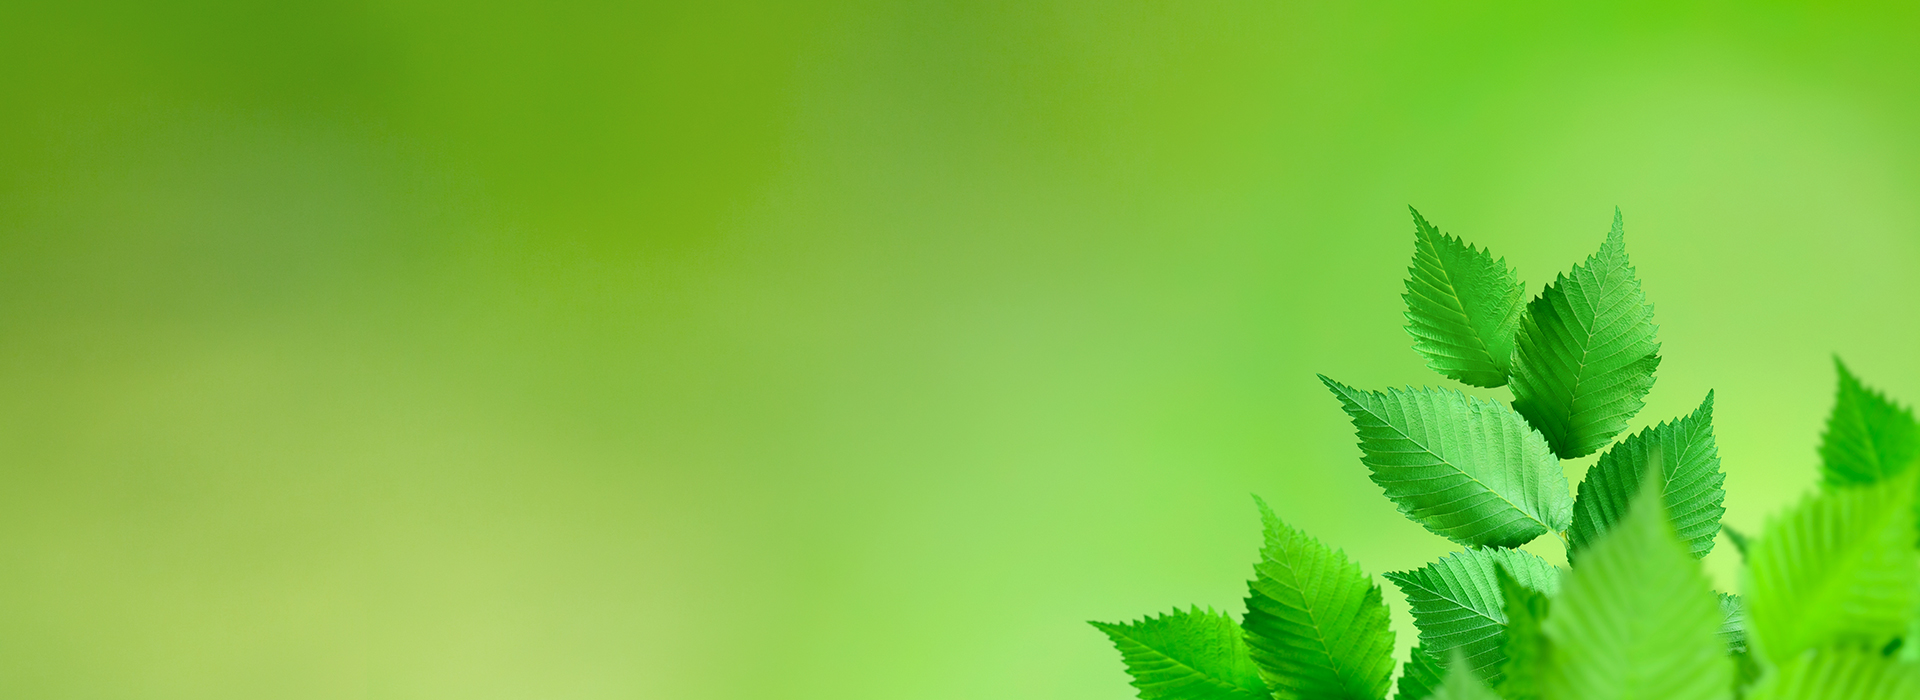 blätter vor grünem hintergrund